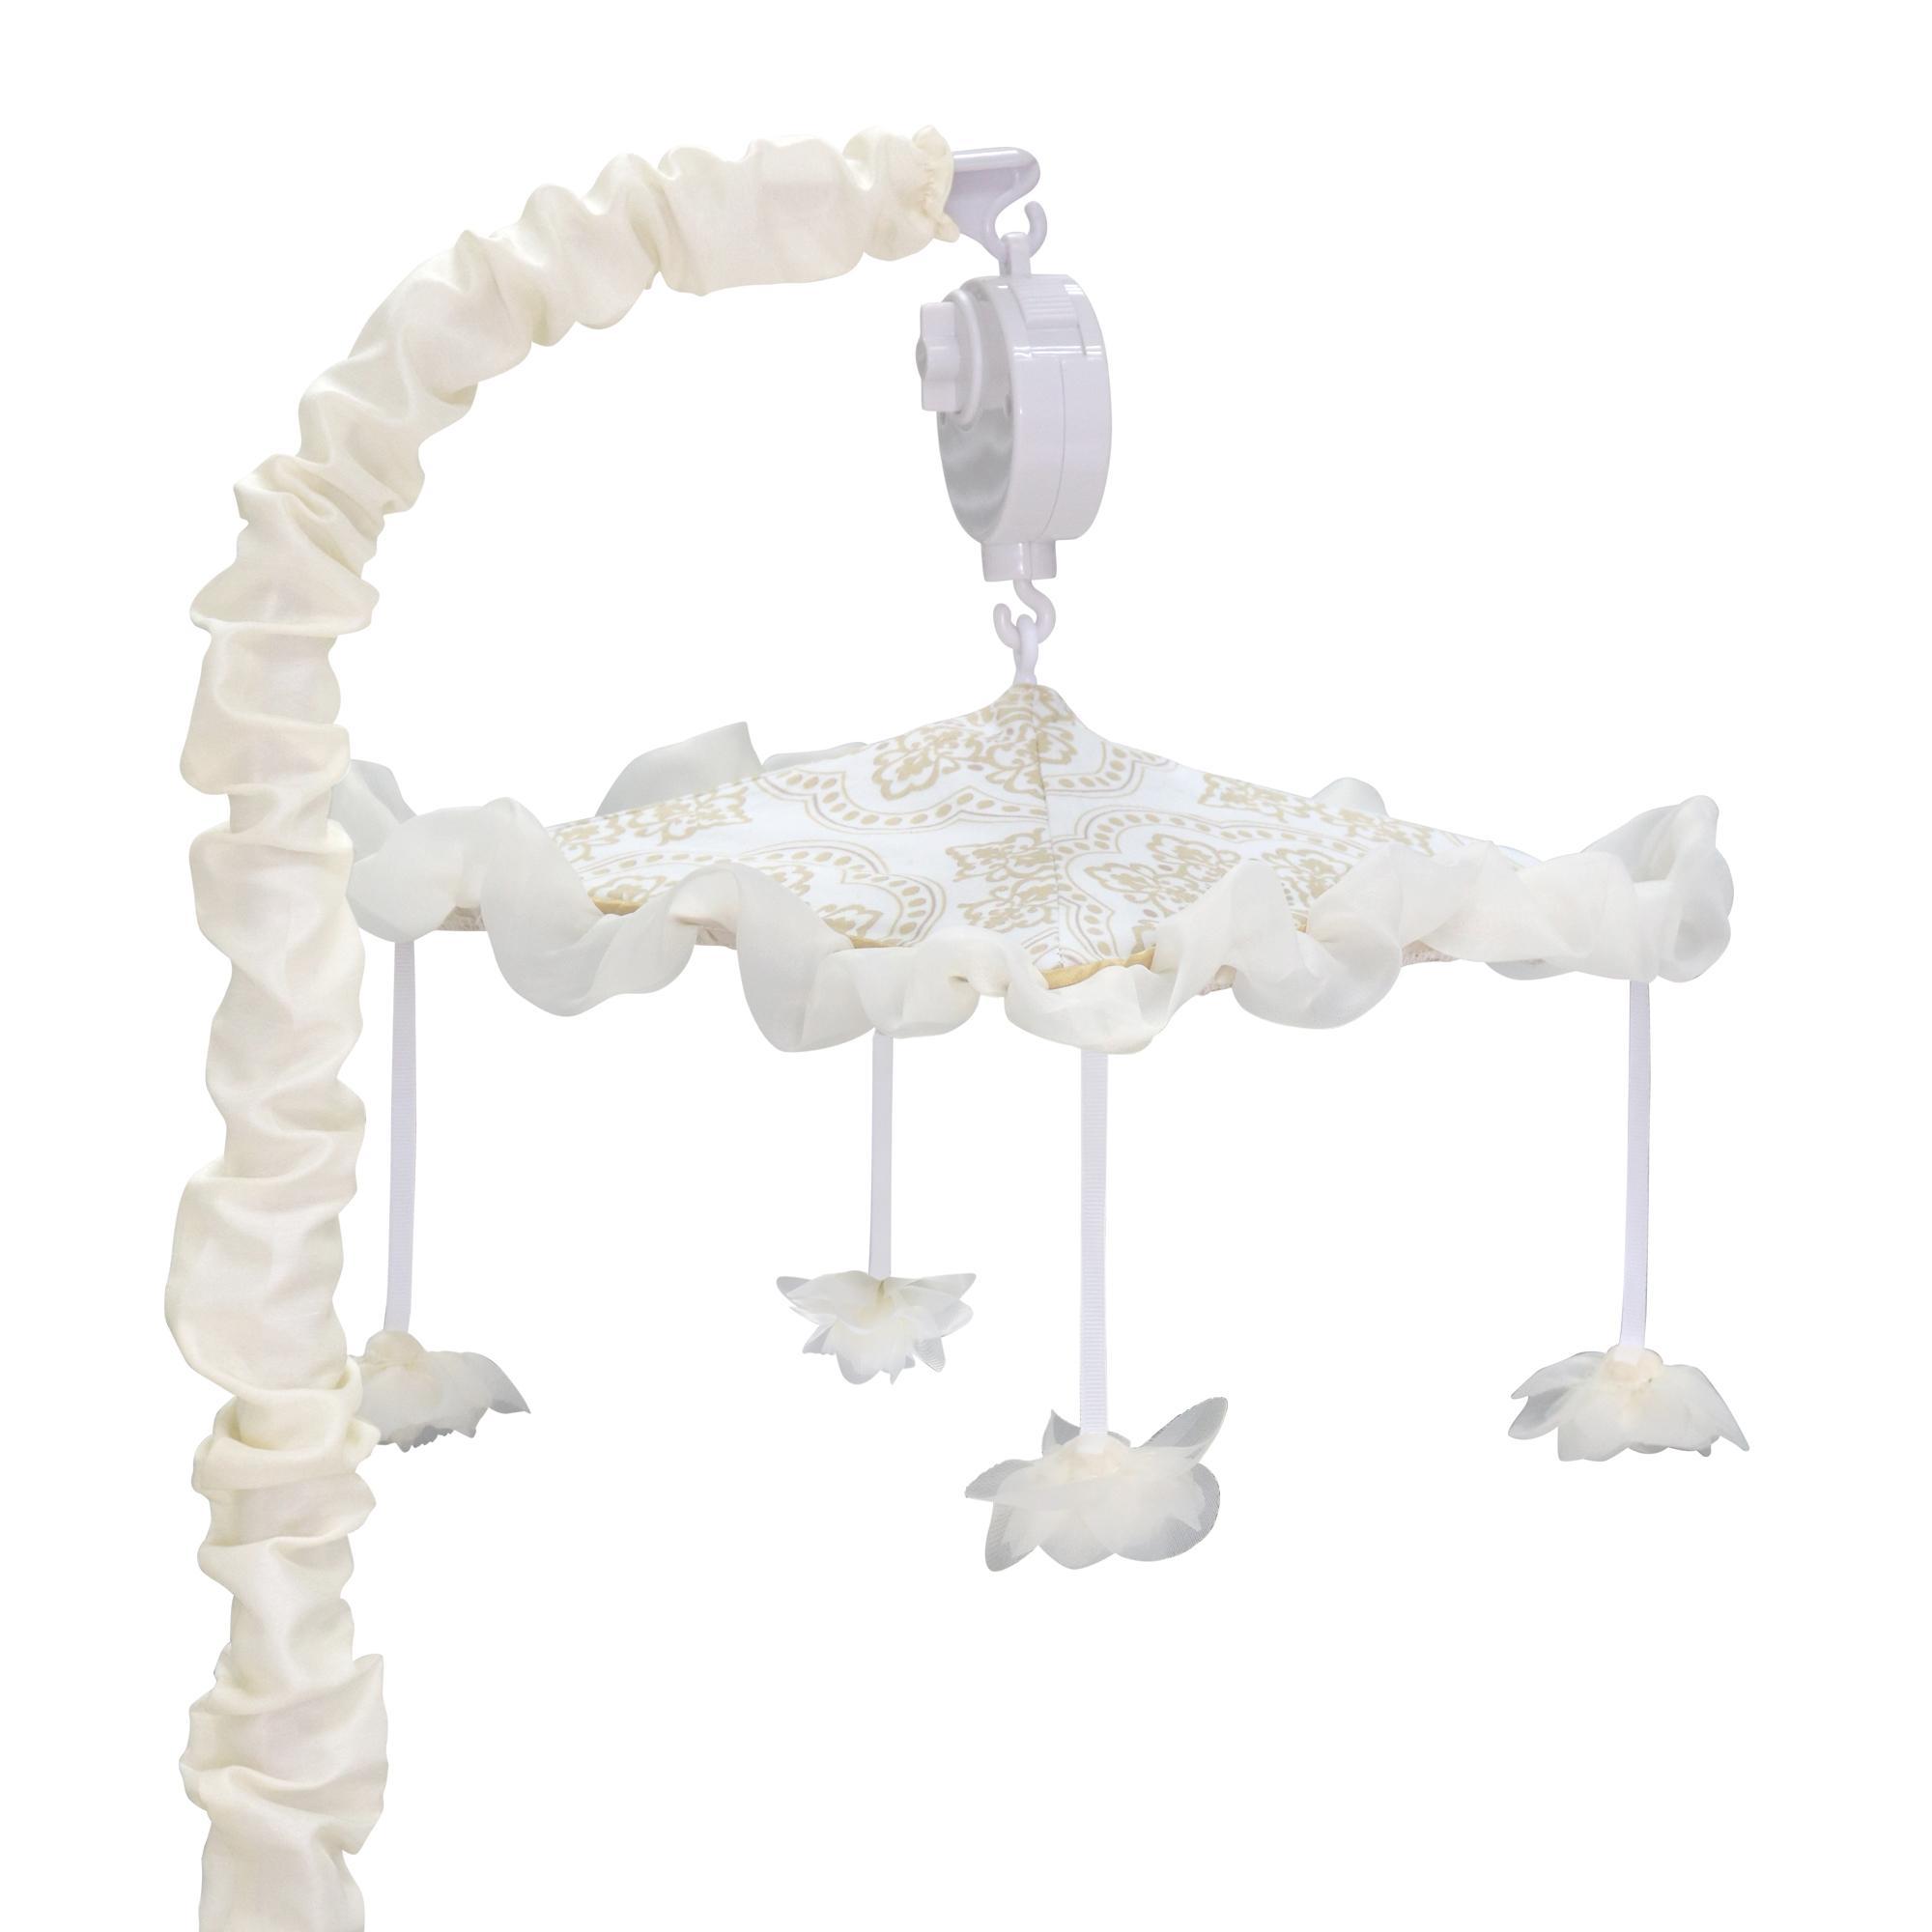 products for n ballerina bebe princess lights mobiles sleep grubs bubs mobile baby amani cribs cot